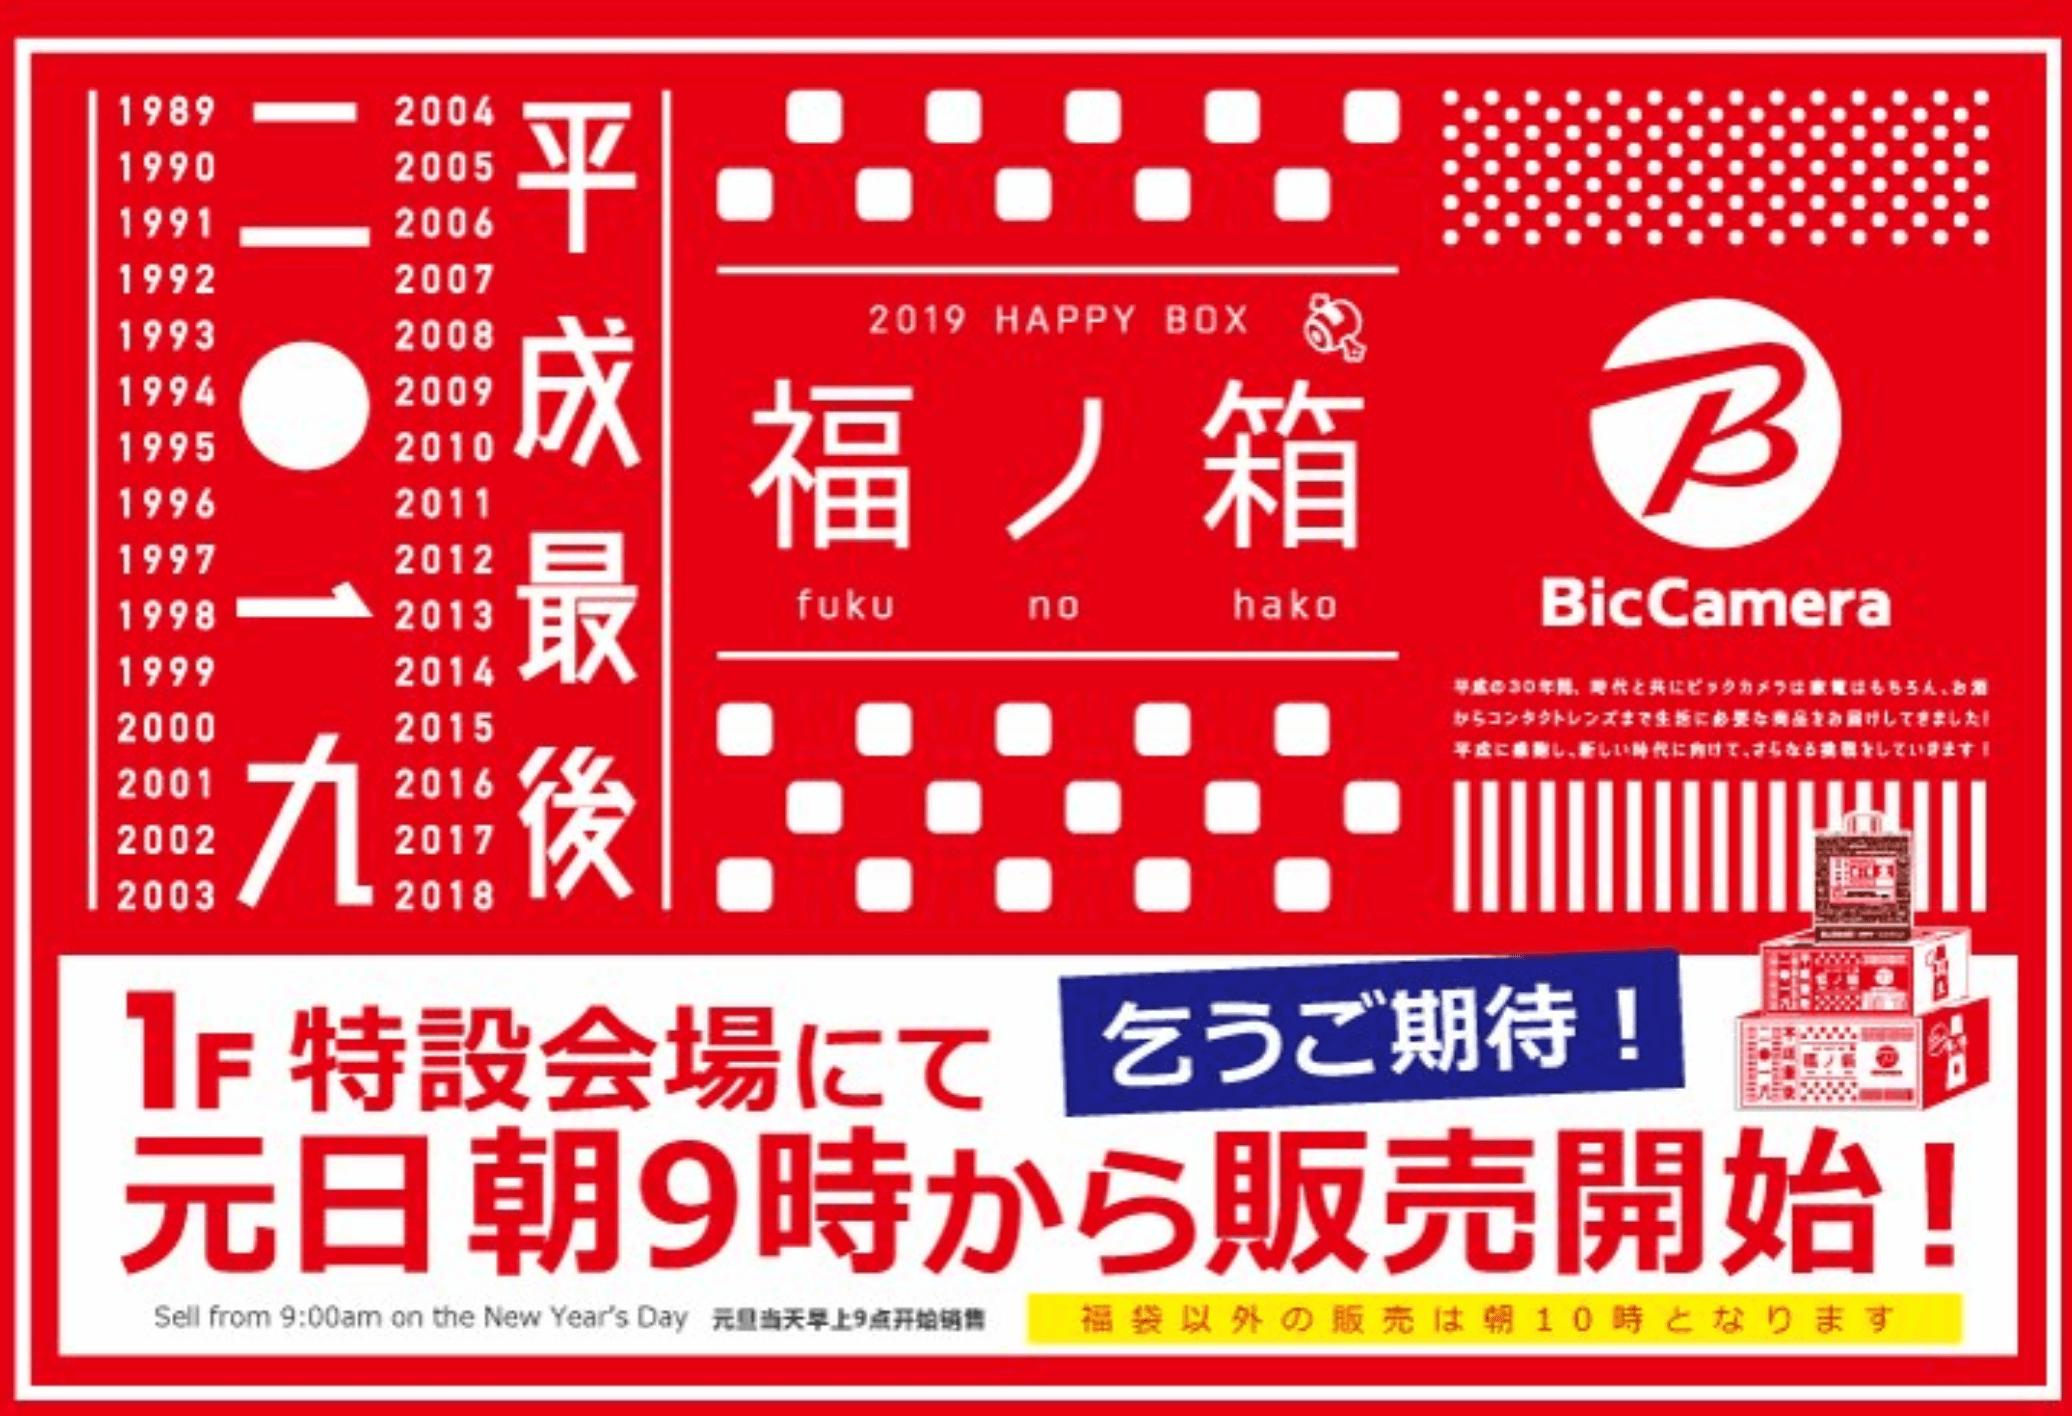 ビックカメラ福袋(福箱)2019